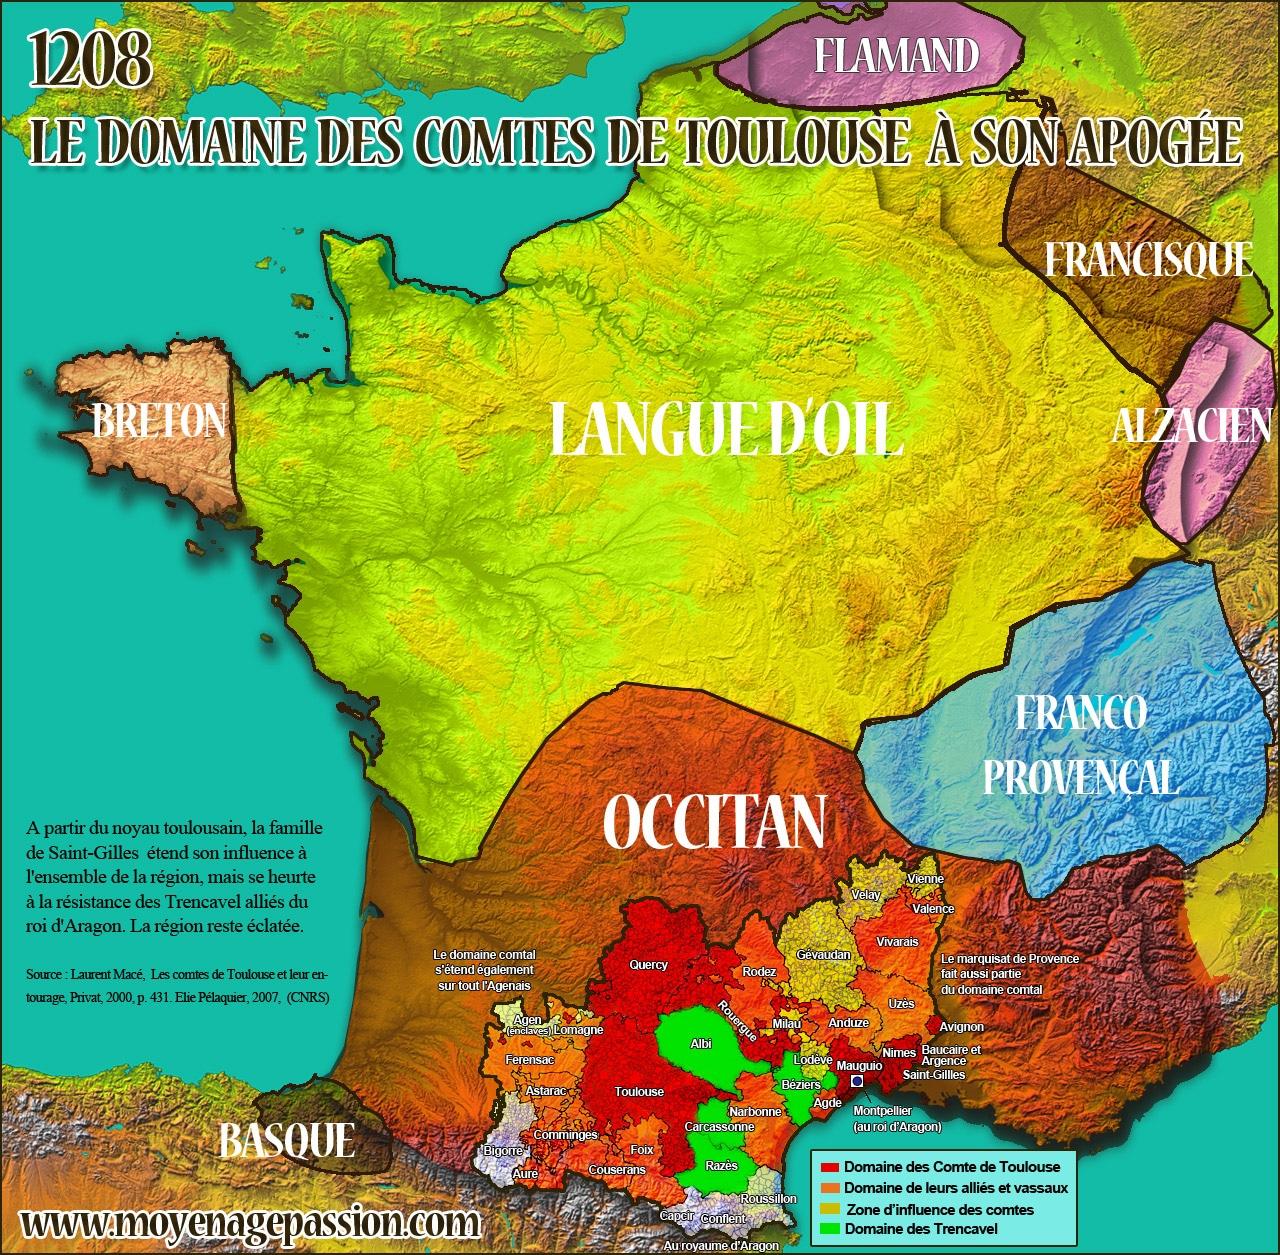 carte_occitan_langue_france_medievale_comte_toulouse_1208_croisade_albigeois_moyen-age_central